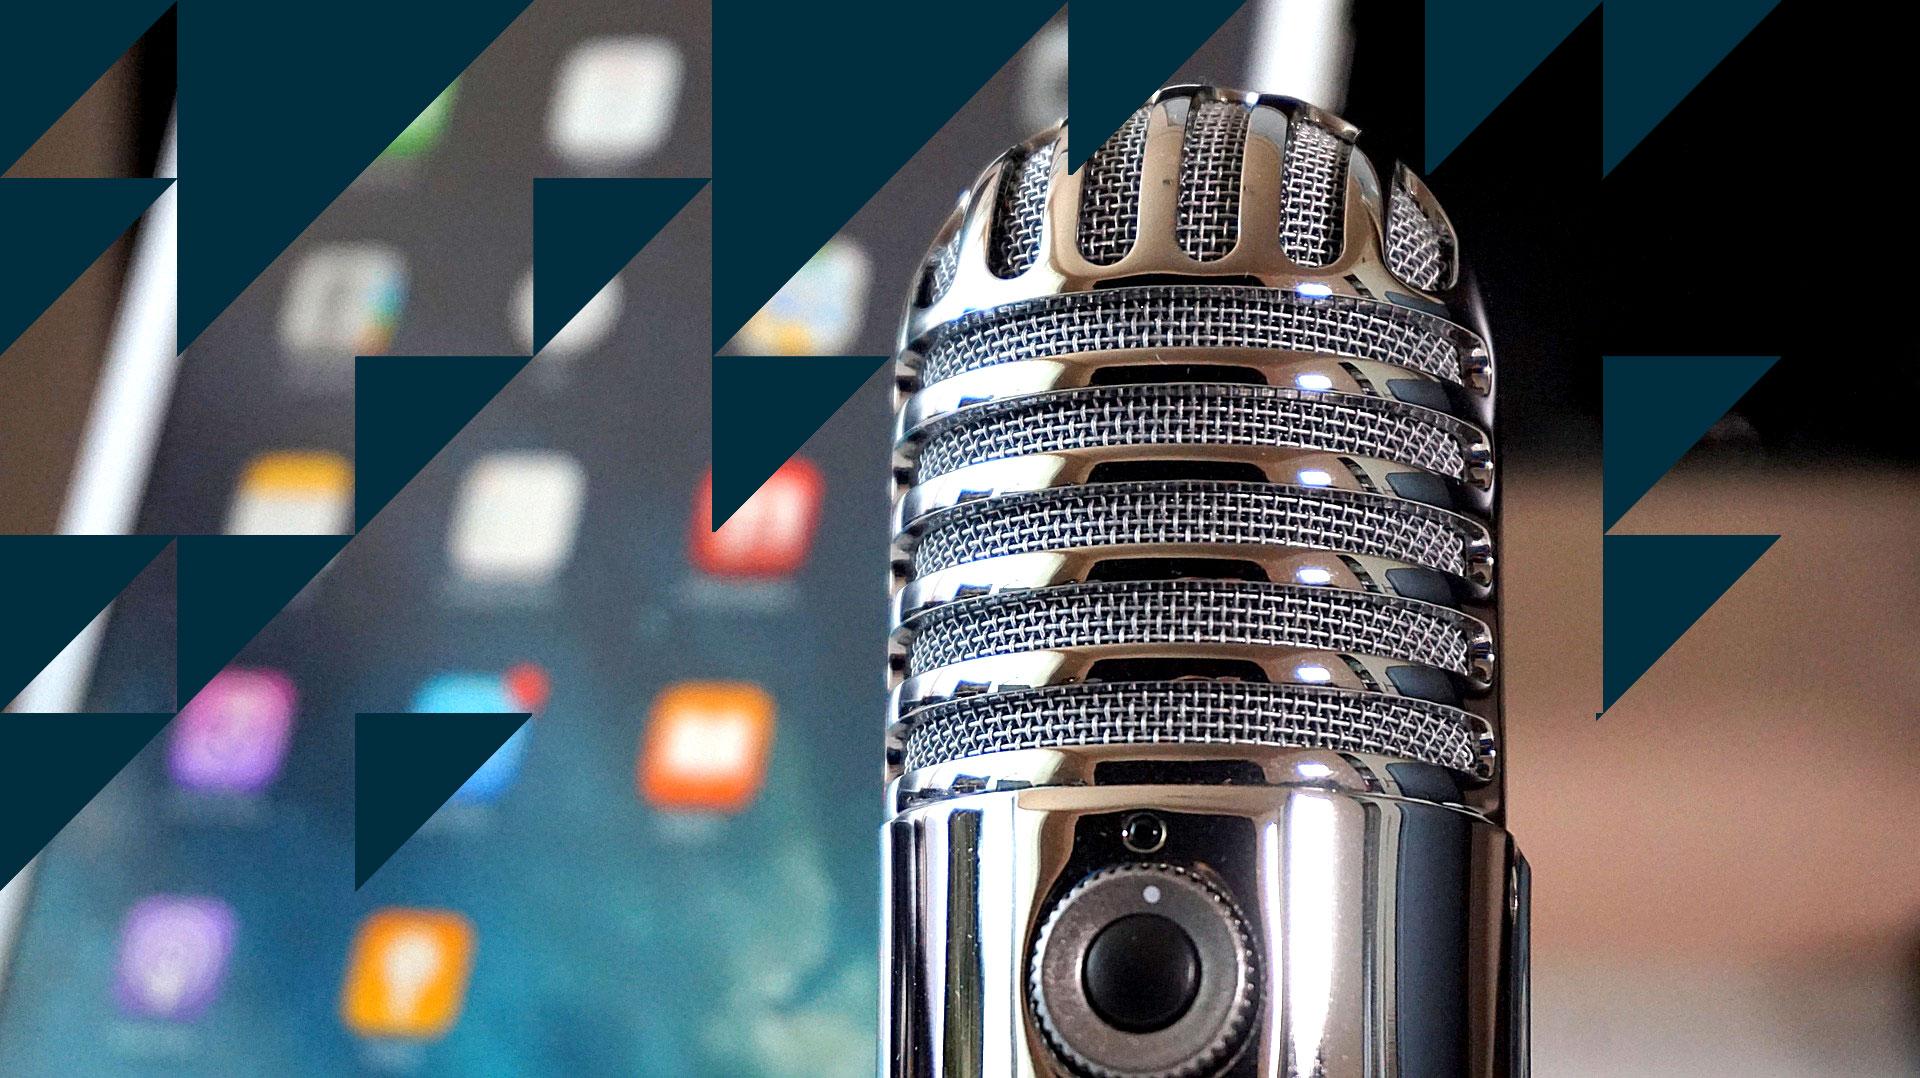 viegand maagøe podcast medier kursus